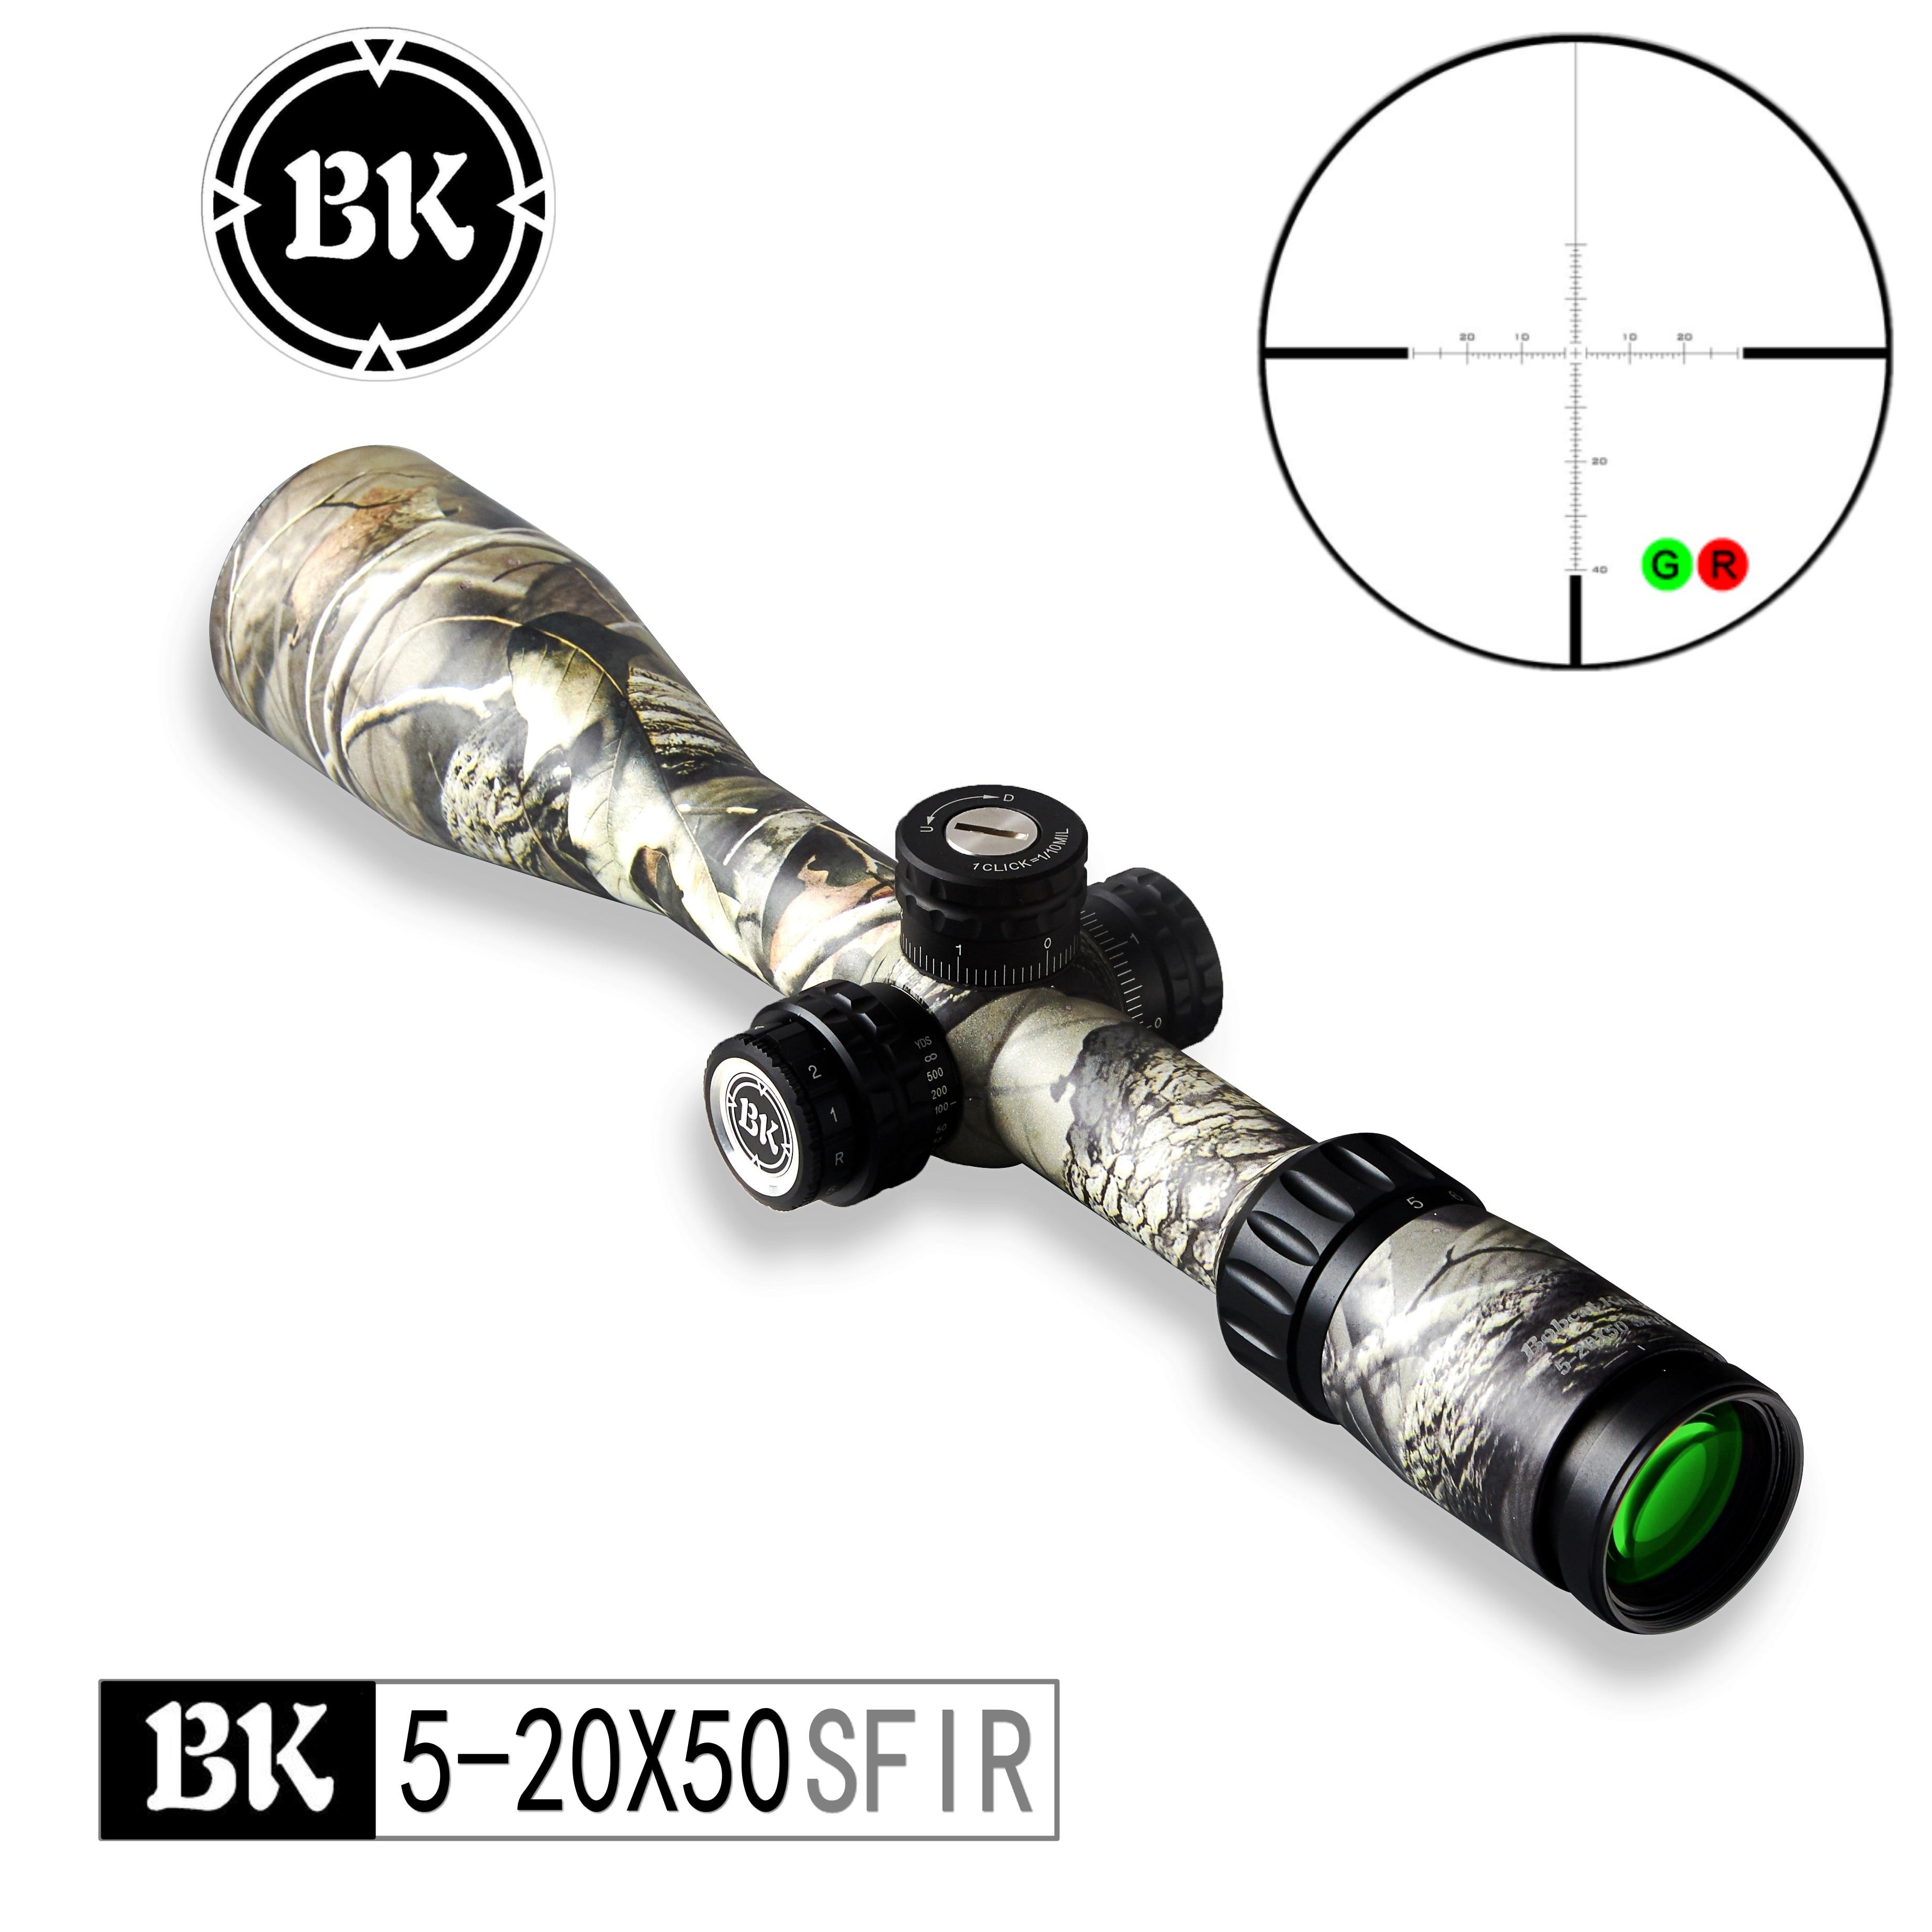 Mira óptica Bobcat King BK 5-20X50 SFIR, rifle de caza con apariencia de camuflaje, mira óptica táctica, rifle de caza, mira telescópica UNIKIT FTTH ESC250D SC APC /UPC fibra óptica monomodo nuevo modelo conector rápido óptico